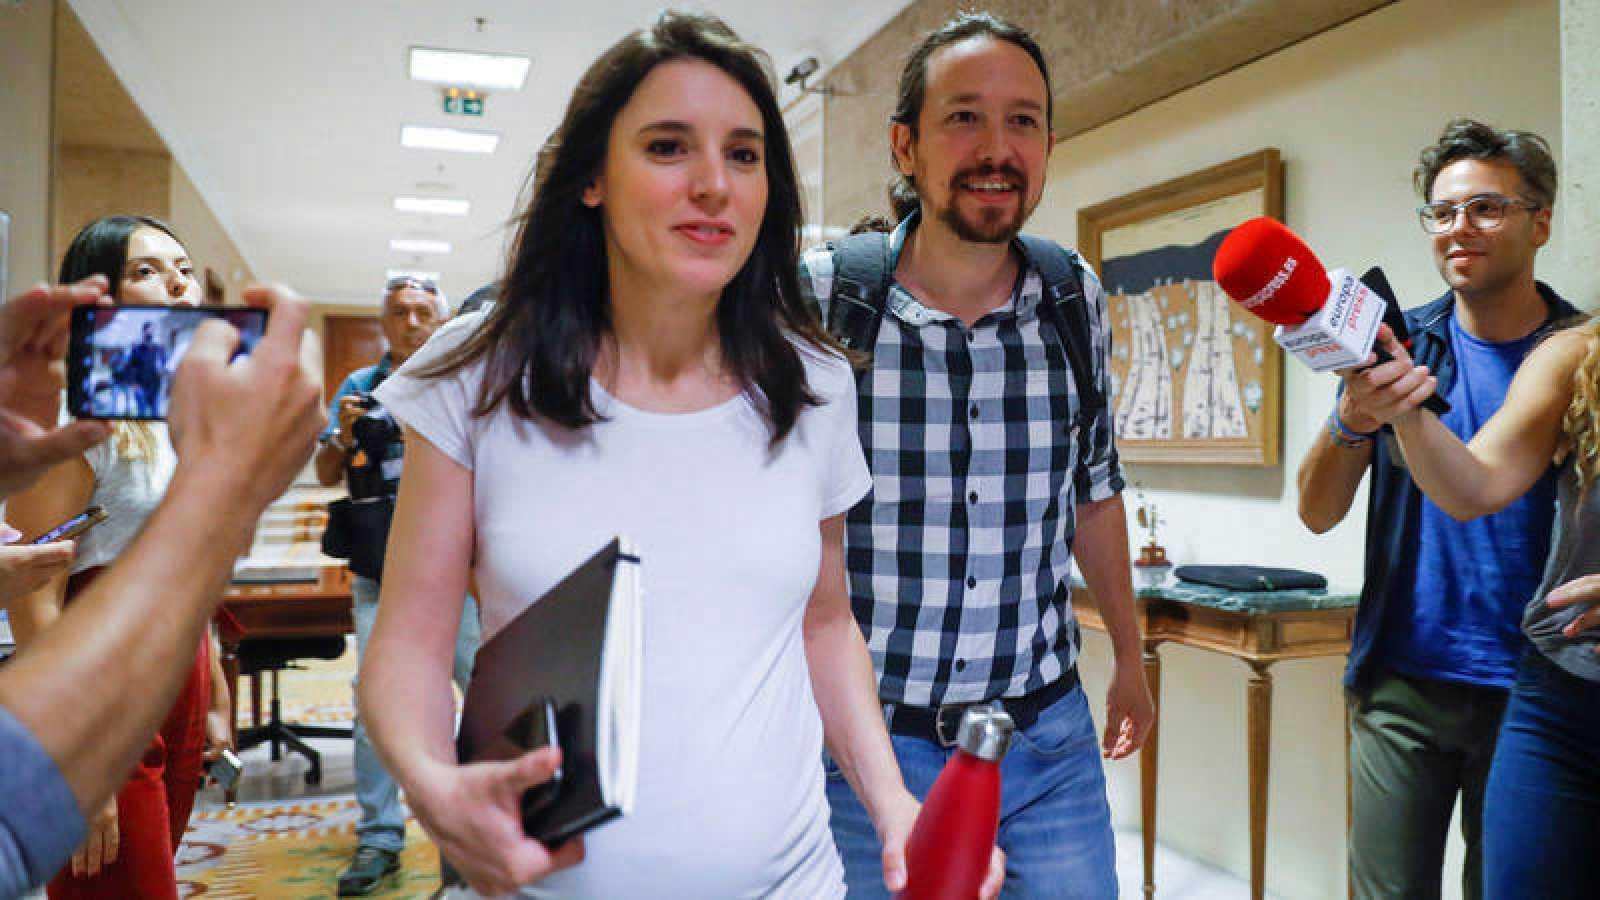 El líder de Unidas Podemos, Pablo Iglesias, y la portavoz parlamentaria del partido, Irene Montero.